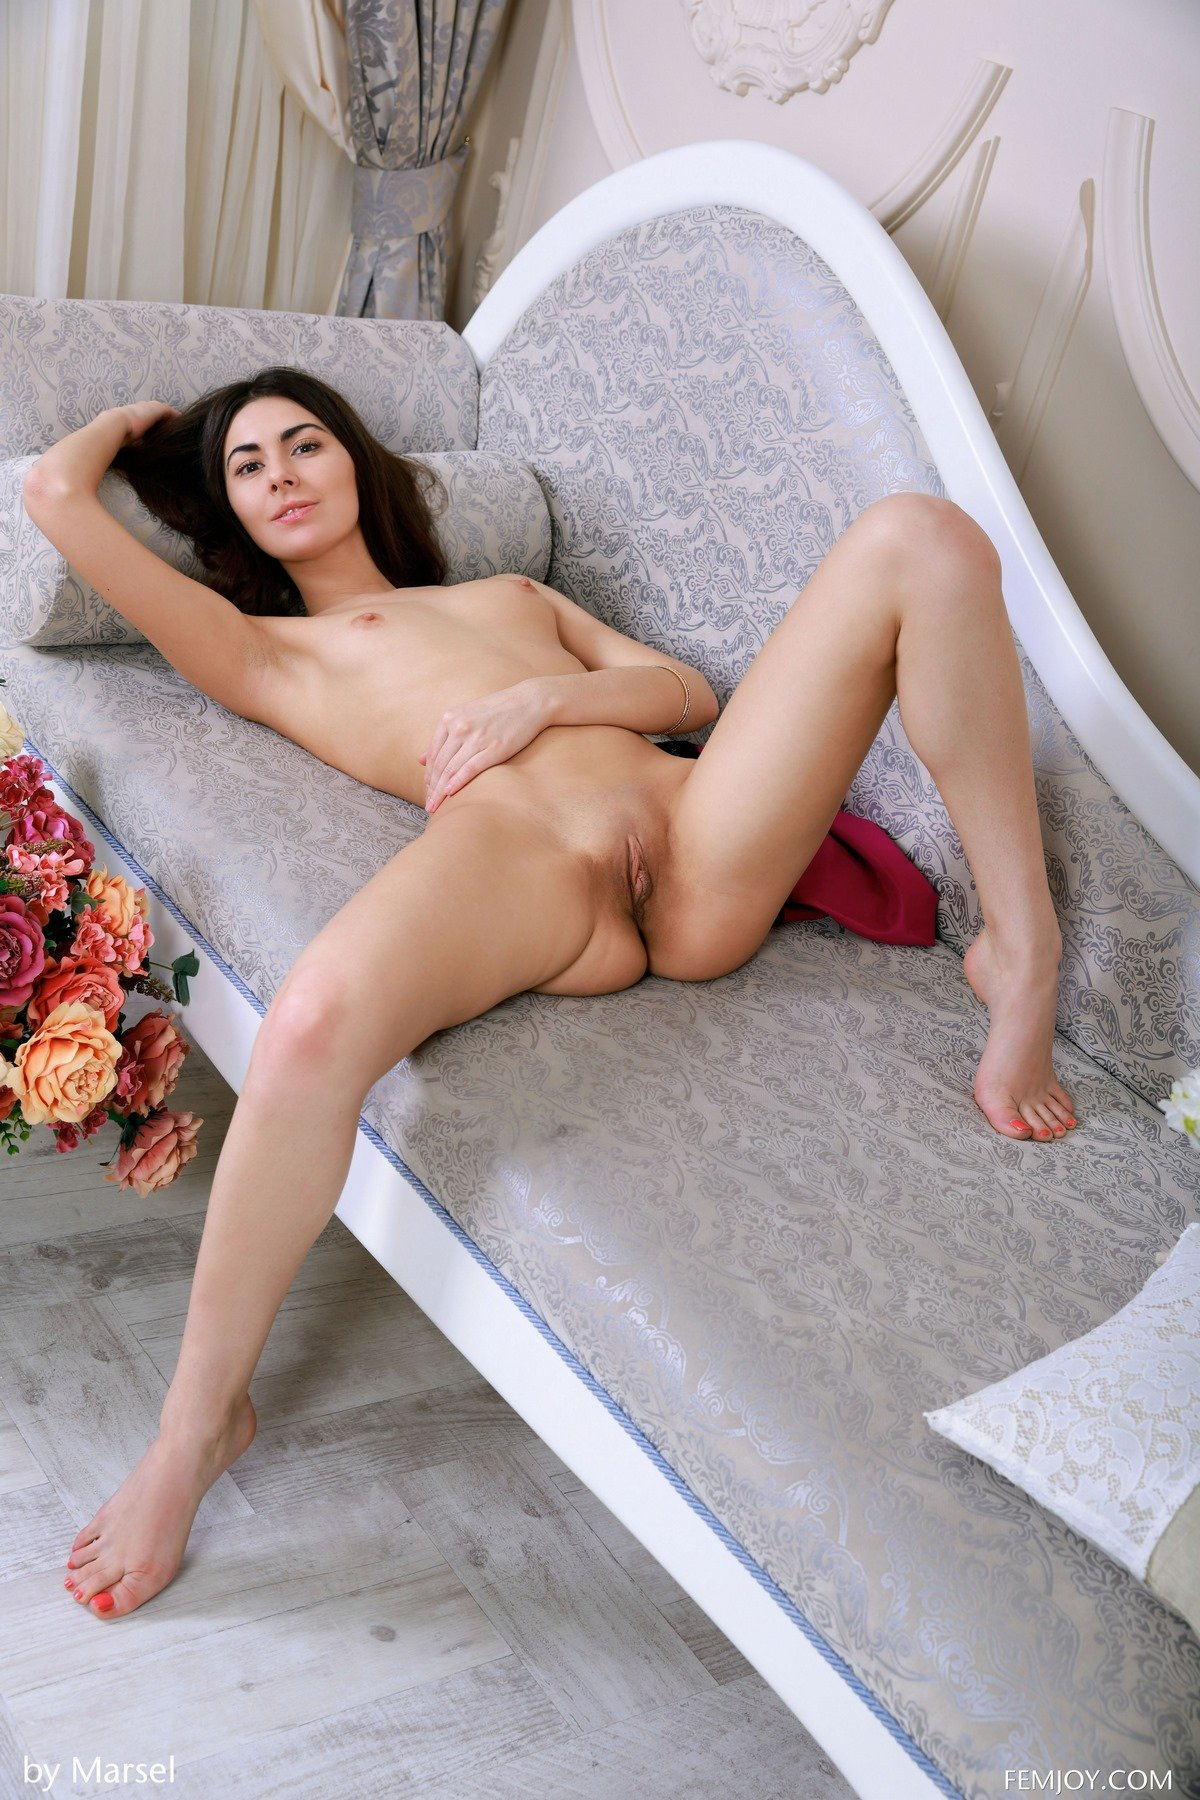 Милые изображение девки с маленьким бюстом